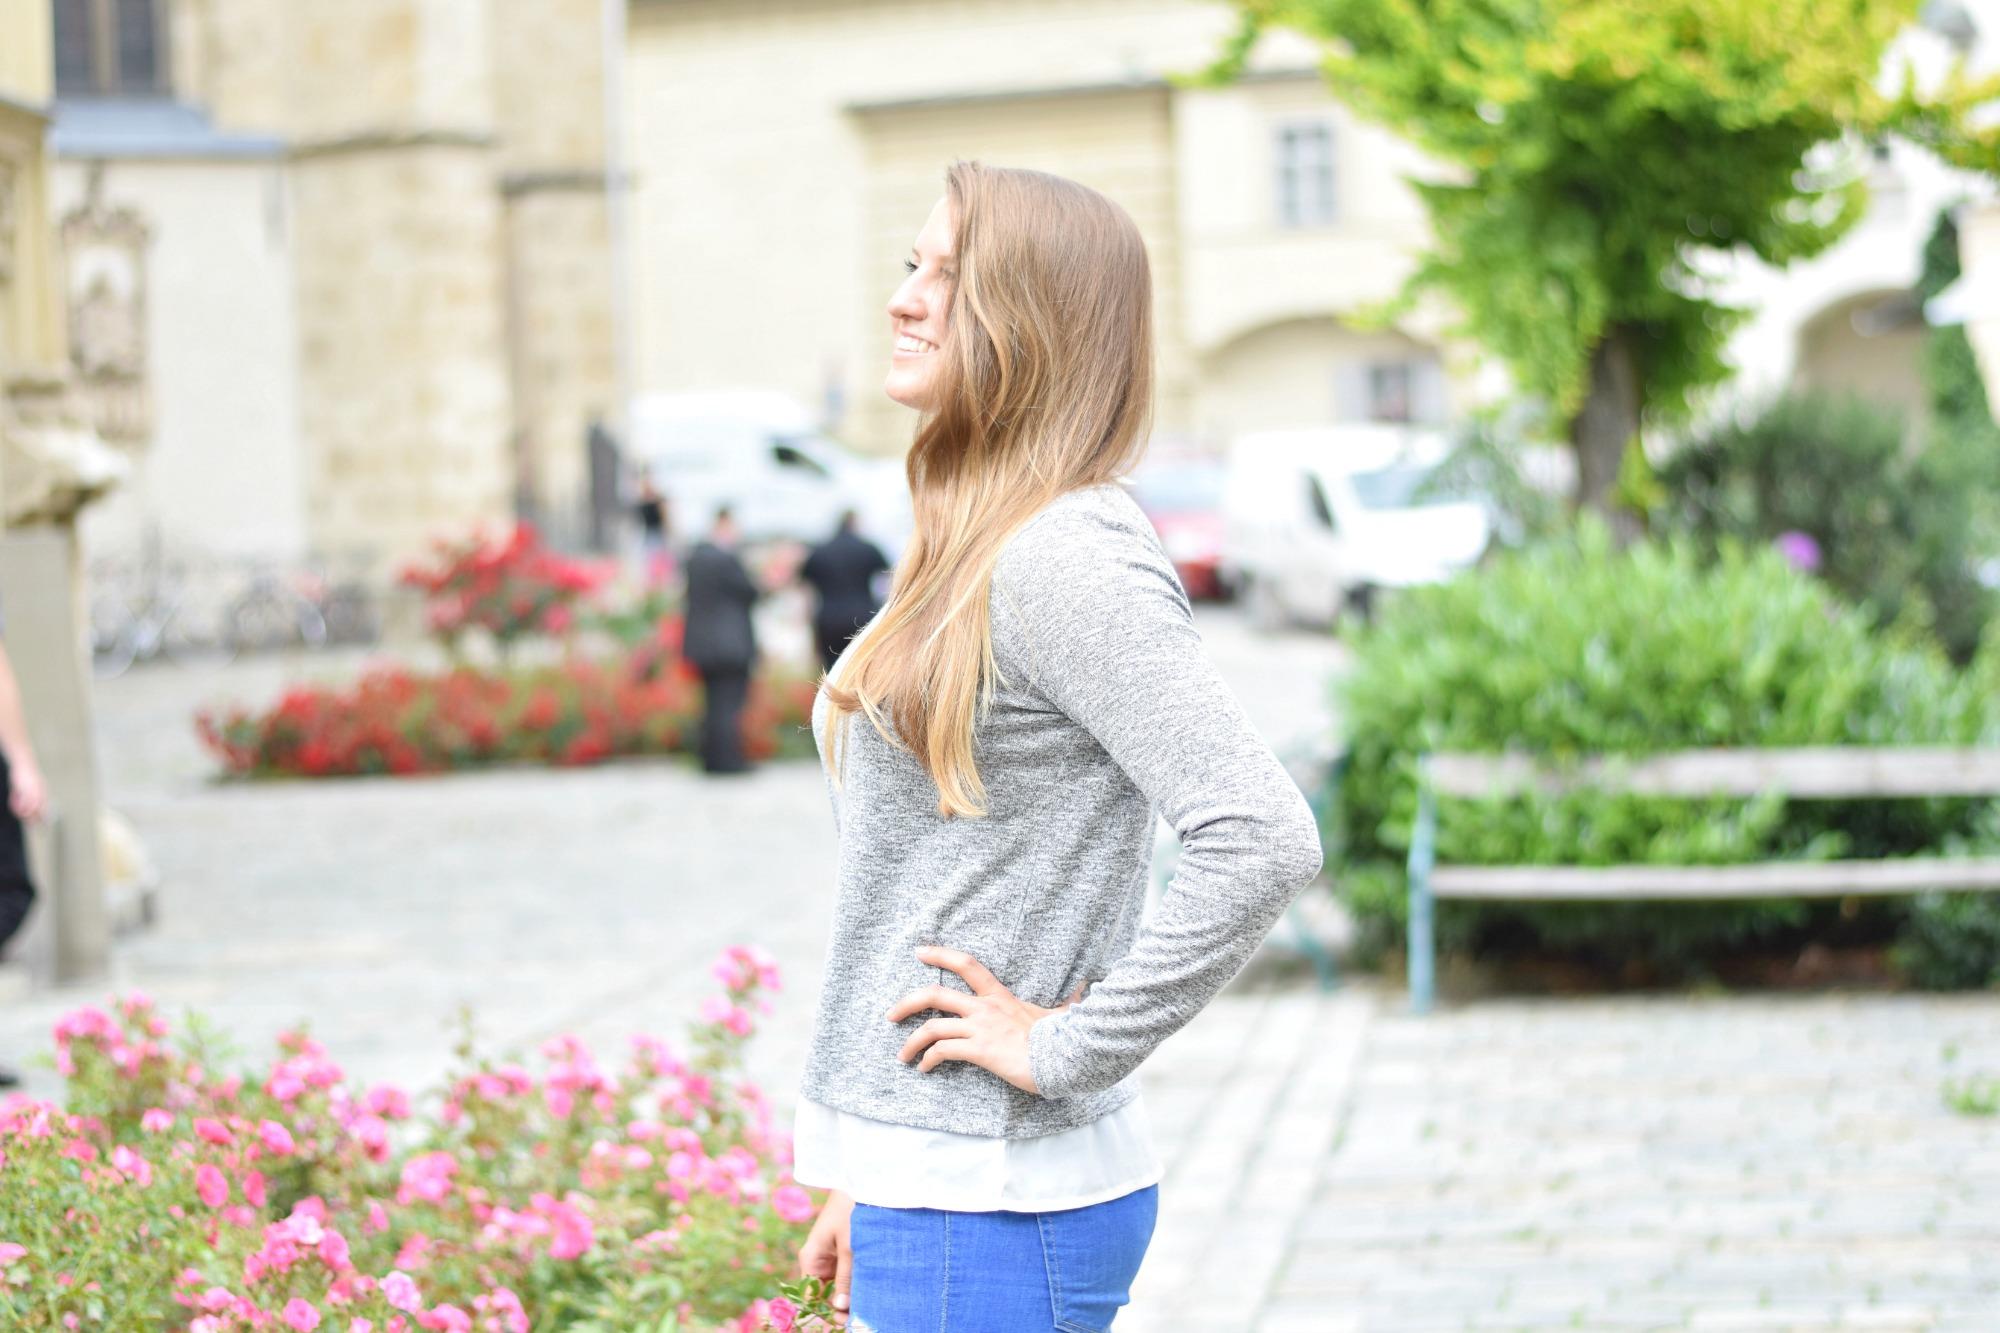 Klara-Fuchs-Fitnessblog-Österreich-Life-Coach-Inspiration-Blogging-Blogger-gesundheit-sport-4